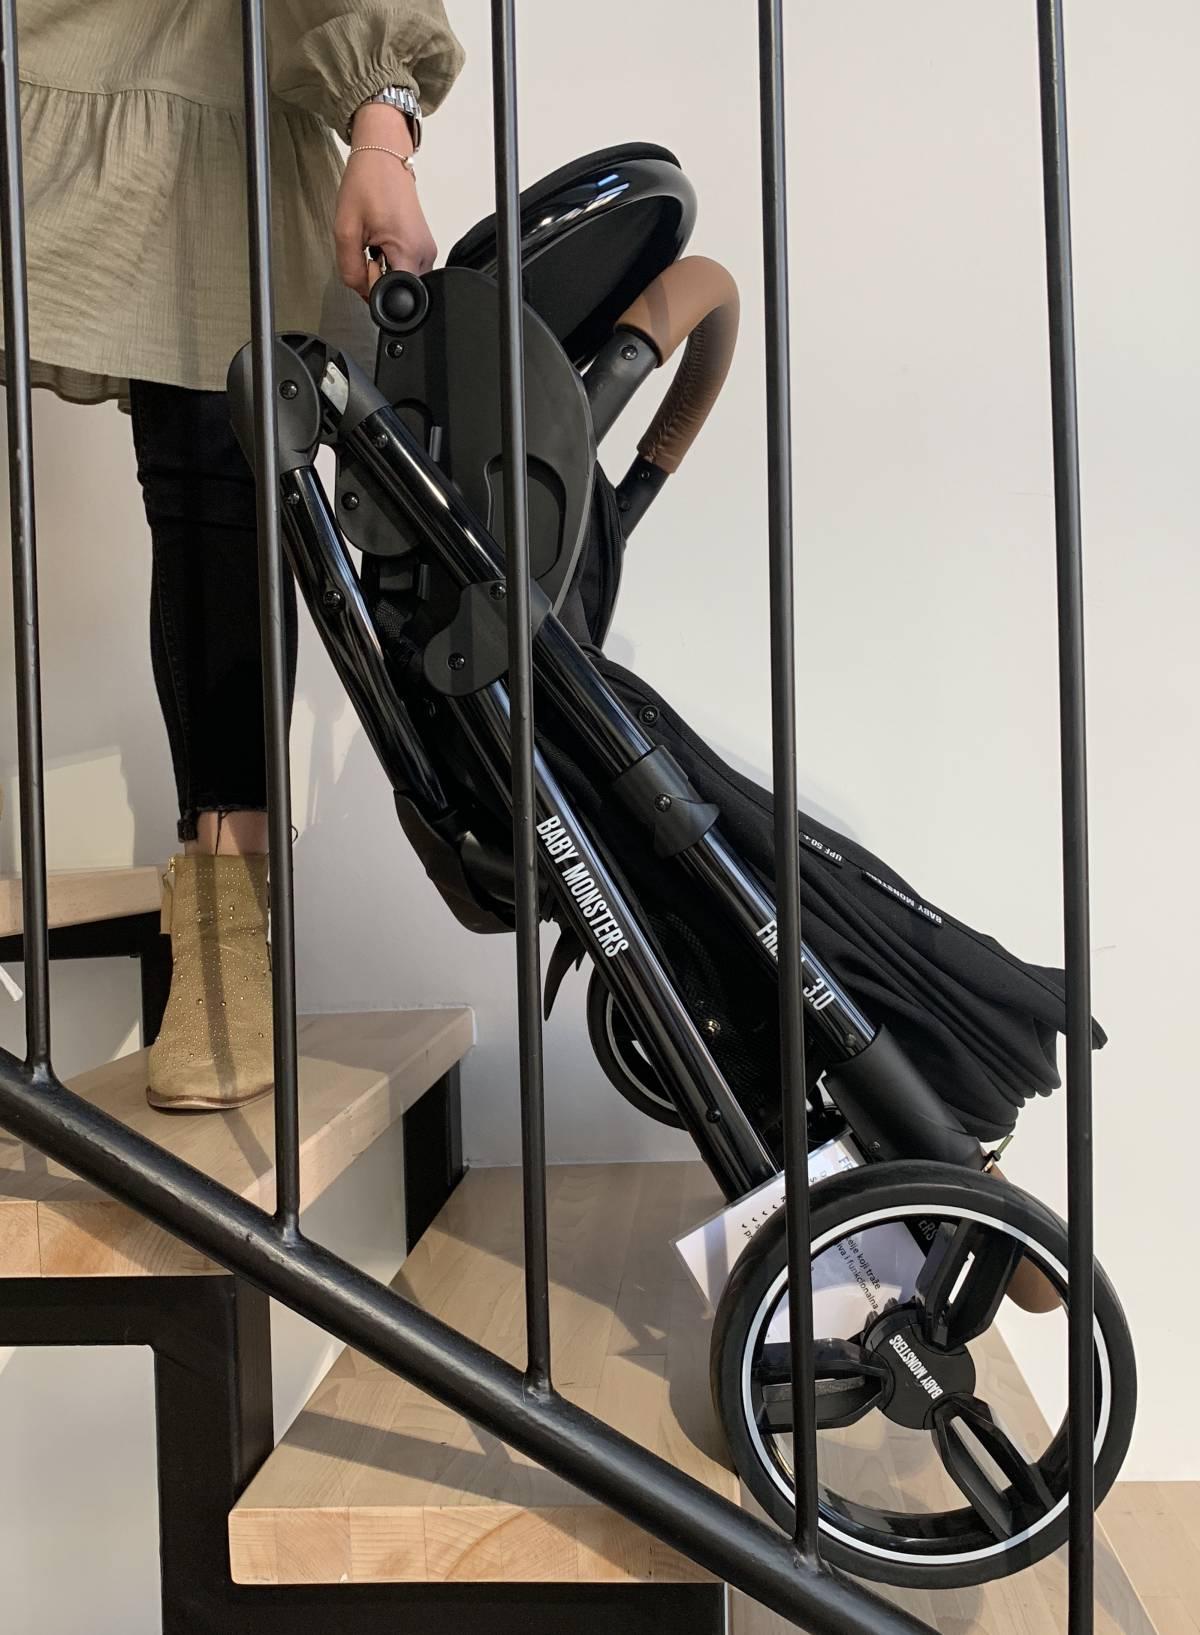 Netko je jučer iz hodnika stambene zgrade u Požegi ukrao dječja kolica